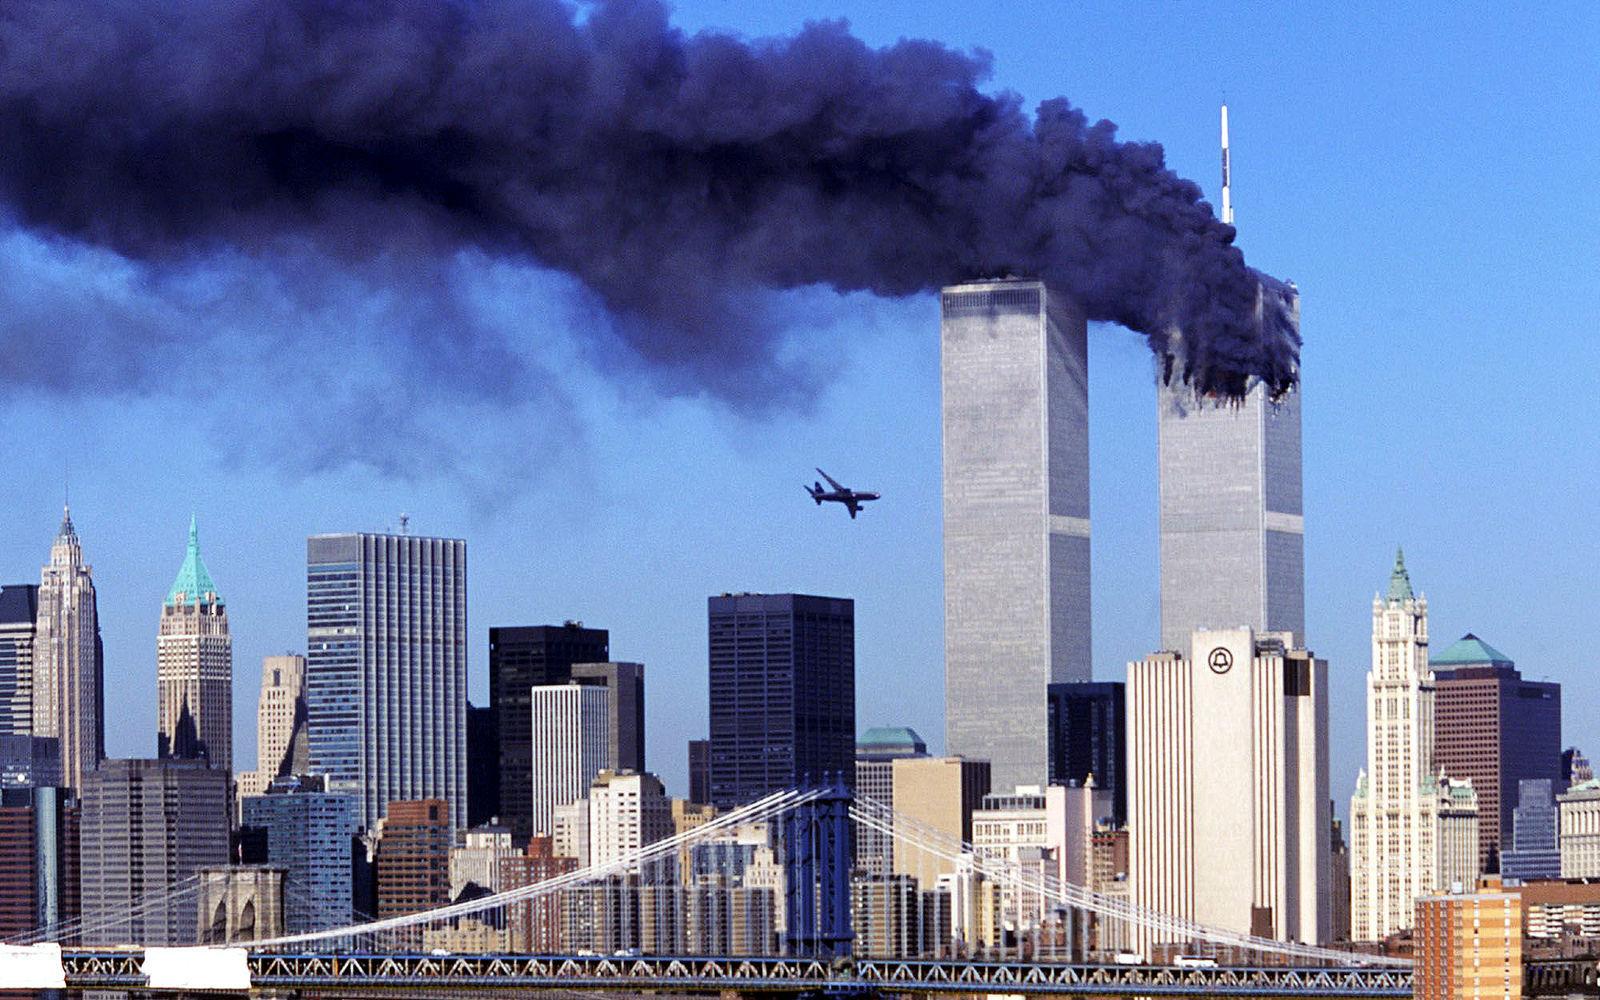 ИНФОГРАФИК: 9 дүгээр сарын 11-ний халдлагад Дэлхийн 78 орны иргэд өртжээ